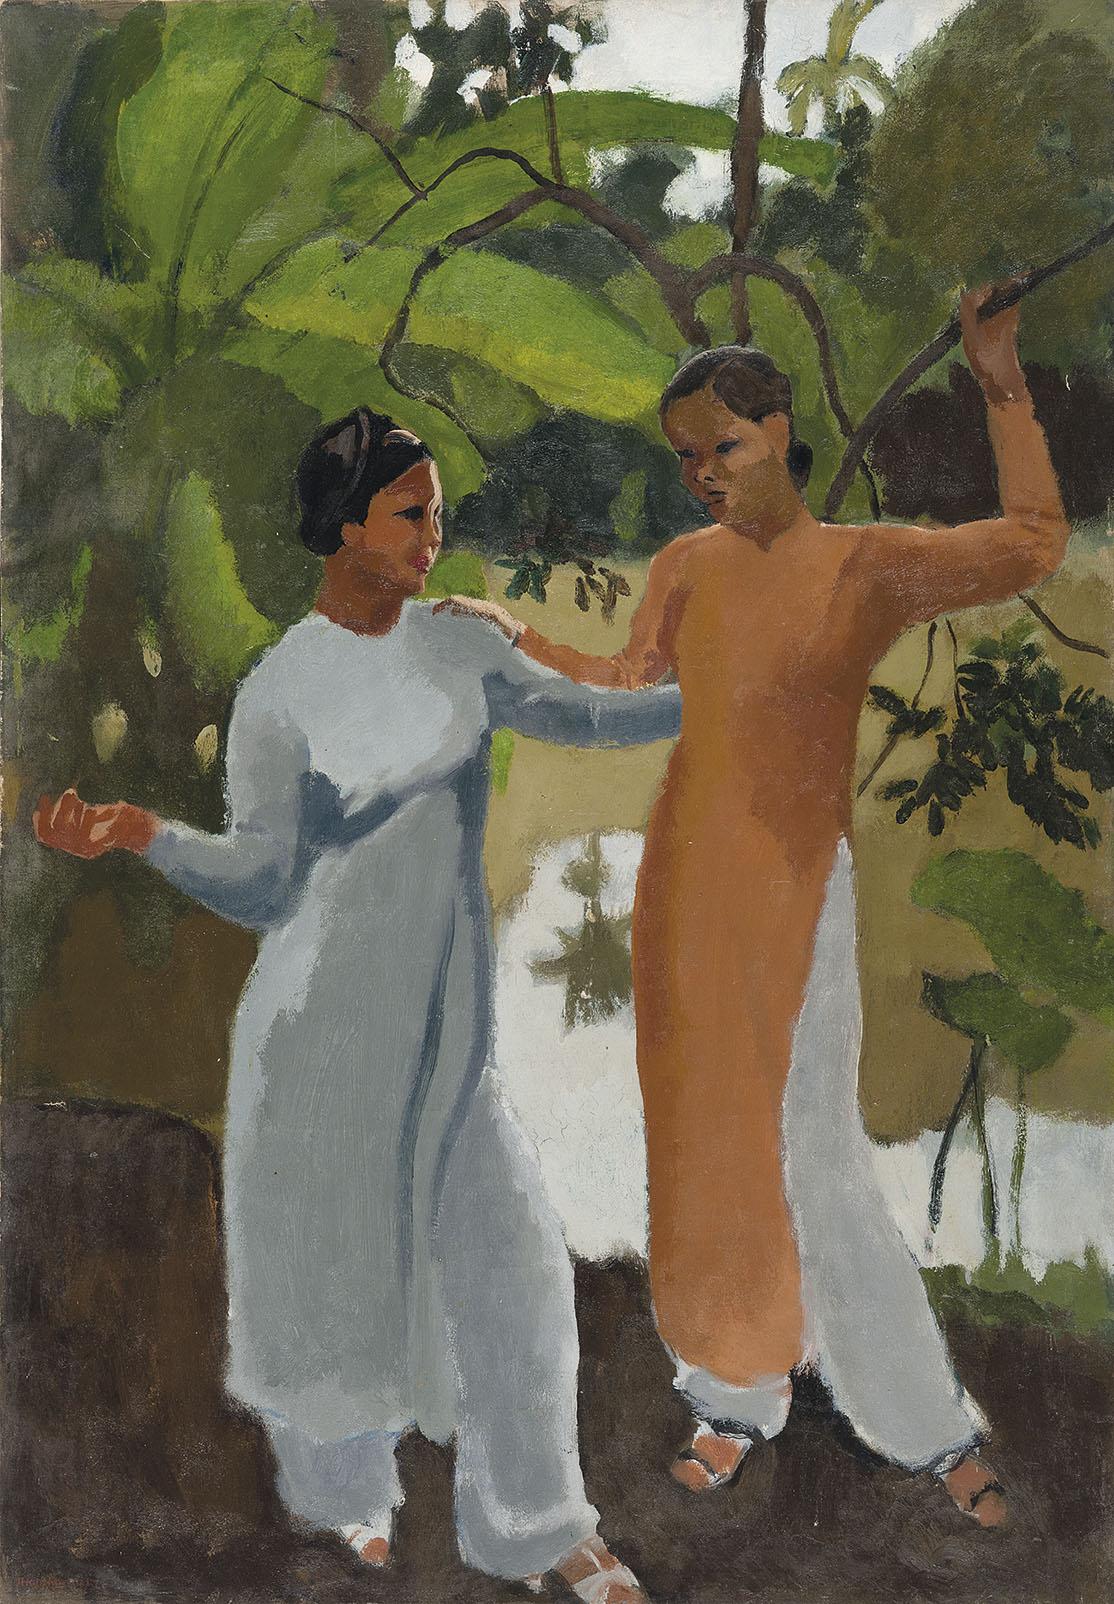 Two Vietnamese Girls in a Landscape